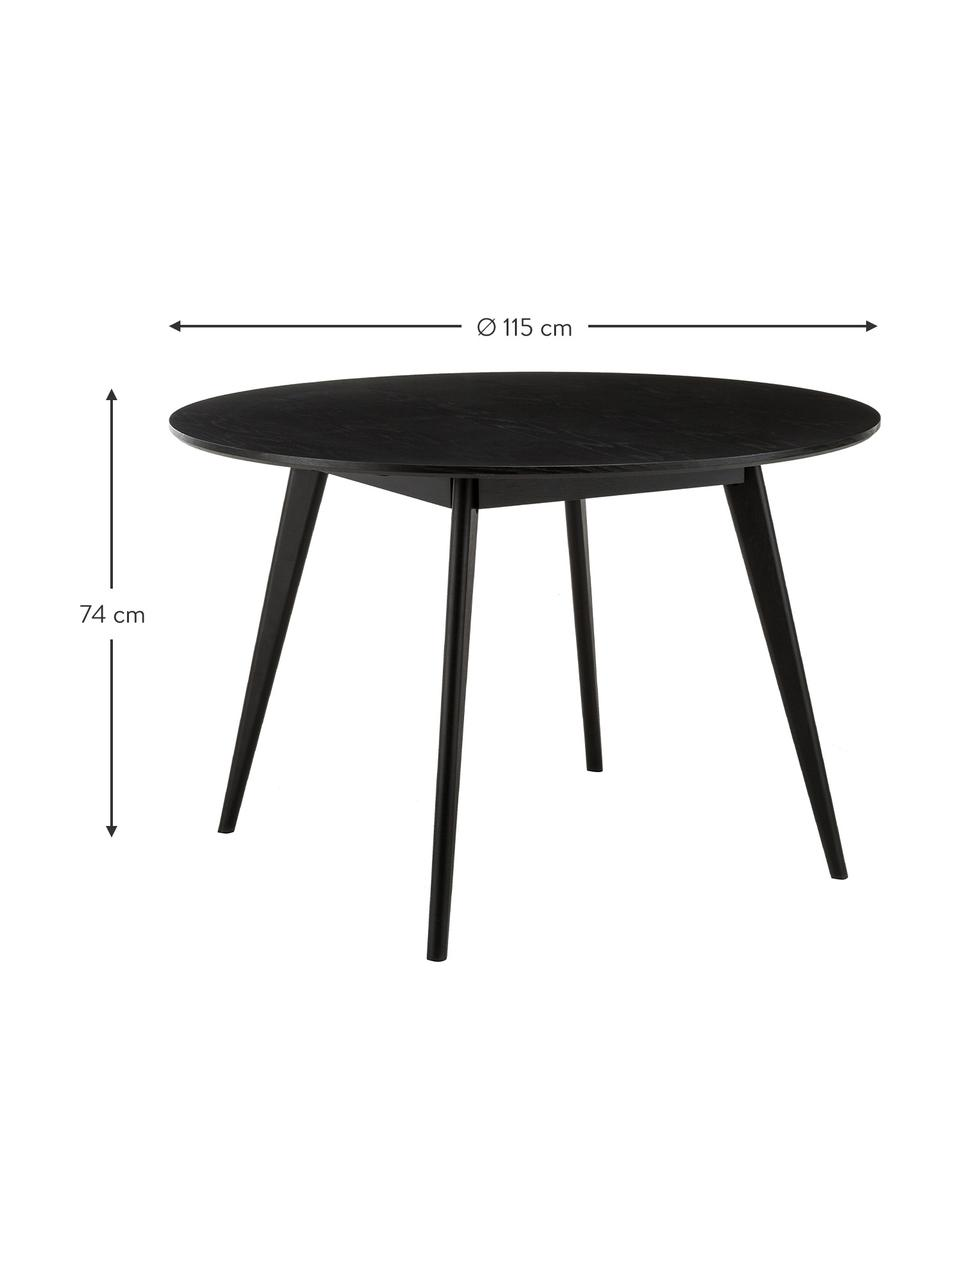 Runder Esstisch Yumi, Ø 115 cm, Tischplatte: Mitteldichte Holzfaserpla, Beine: Gummibaumholz, massiv und, Schwarz, Ø 115 x H 74 cm